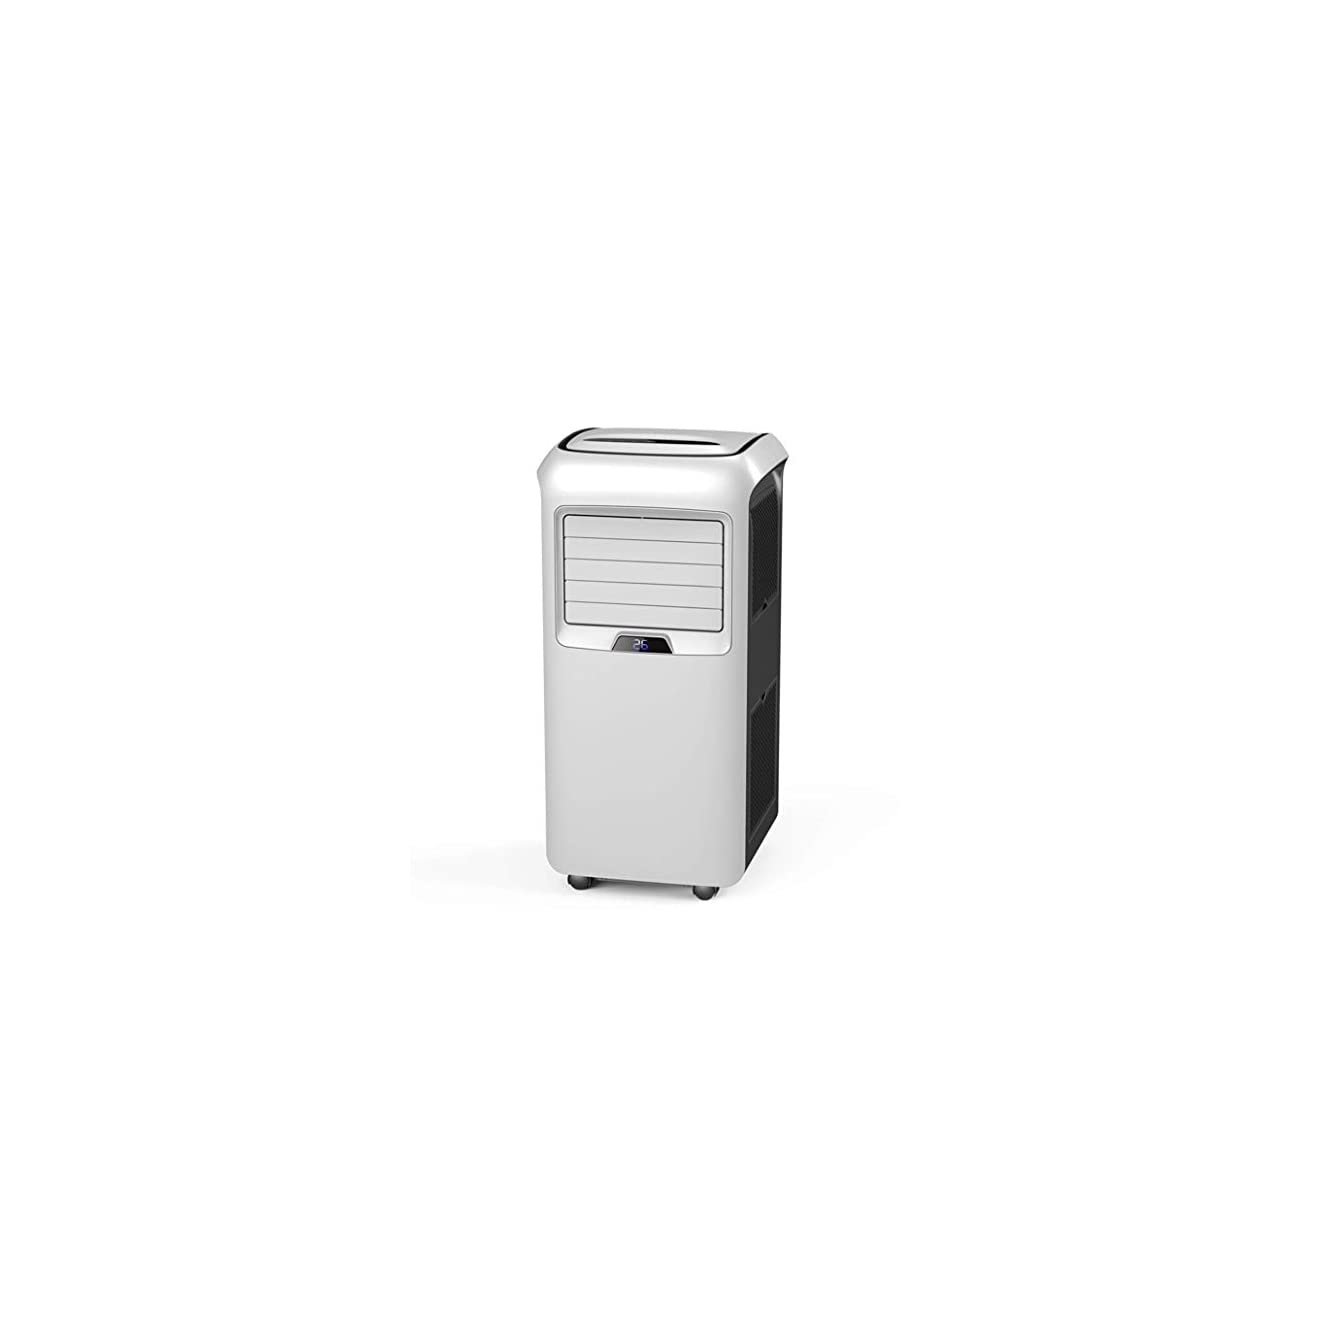 Mobile Klimaanlage bewegliche Klimaanlage Kühlung, Heizung, Luftentfeuchter und Fan Funktionen ...